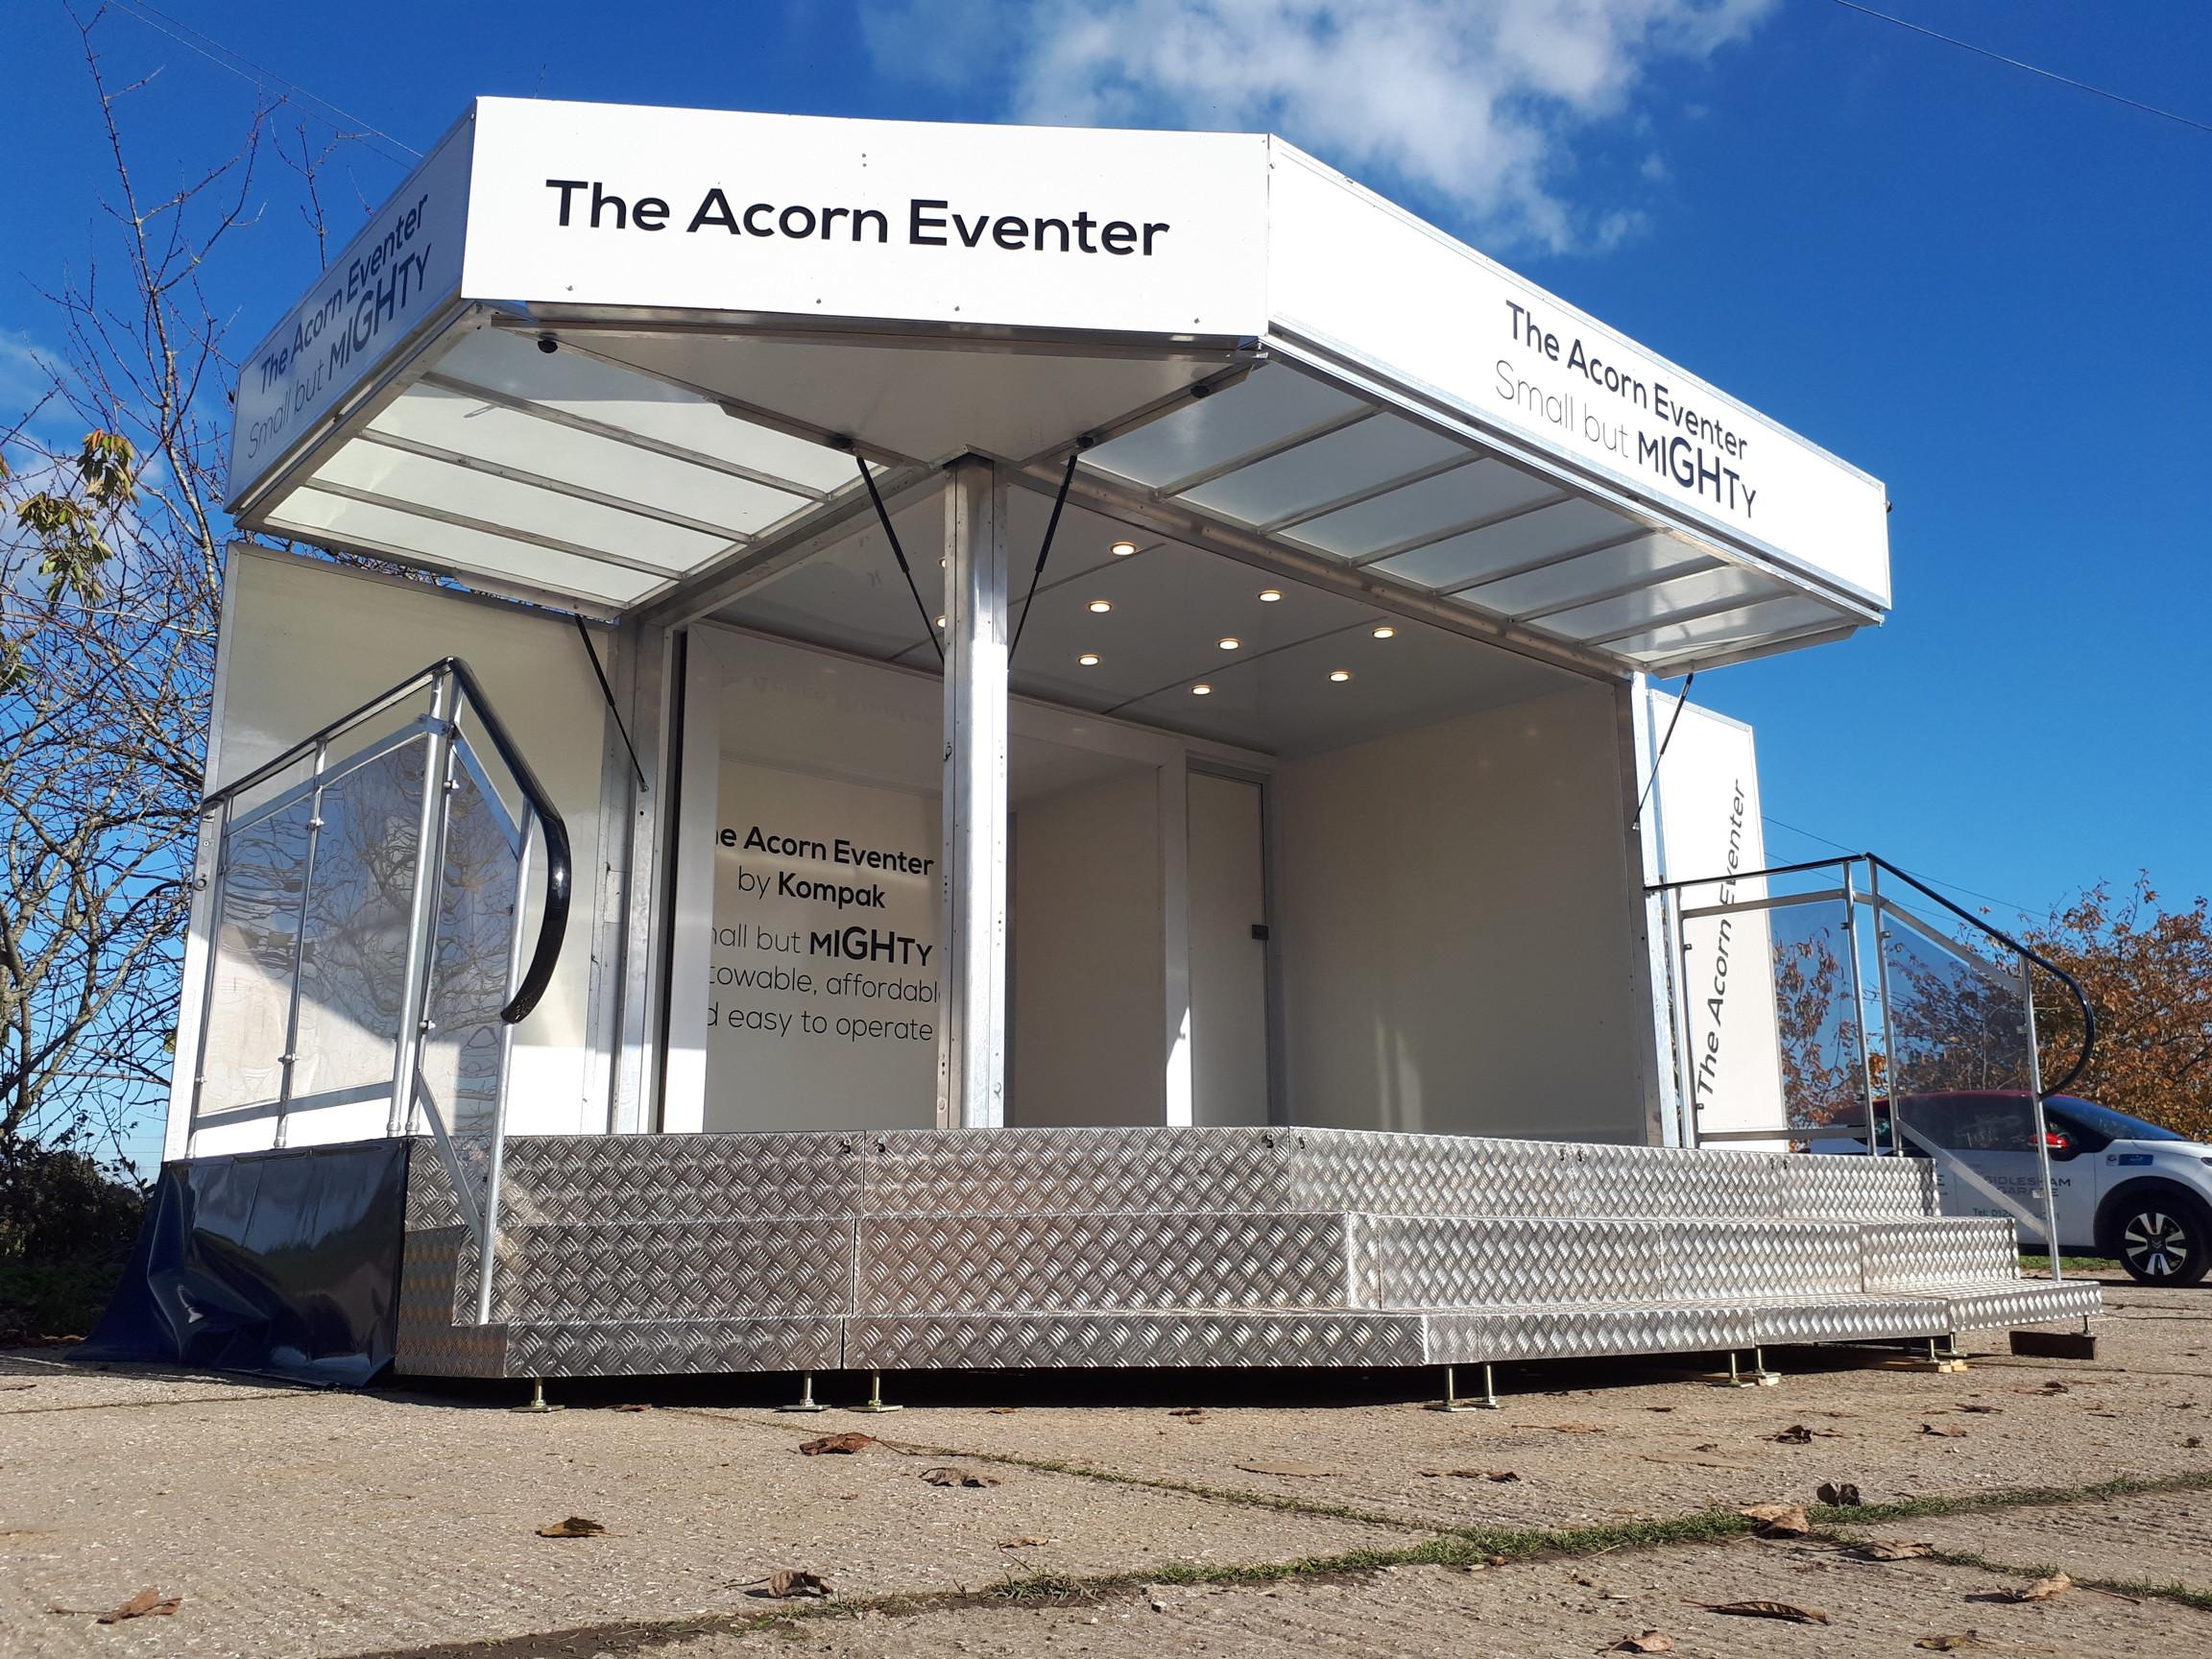 exhibition trailer | retro catering unit